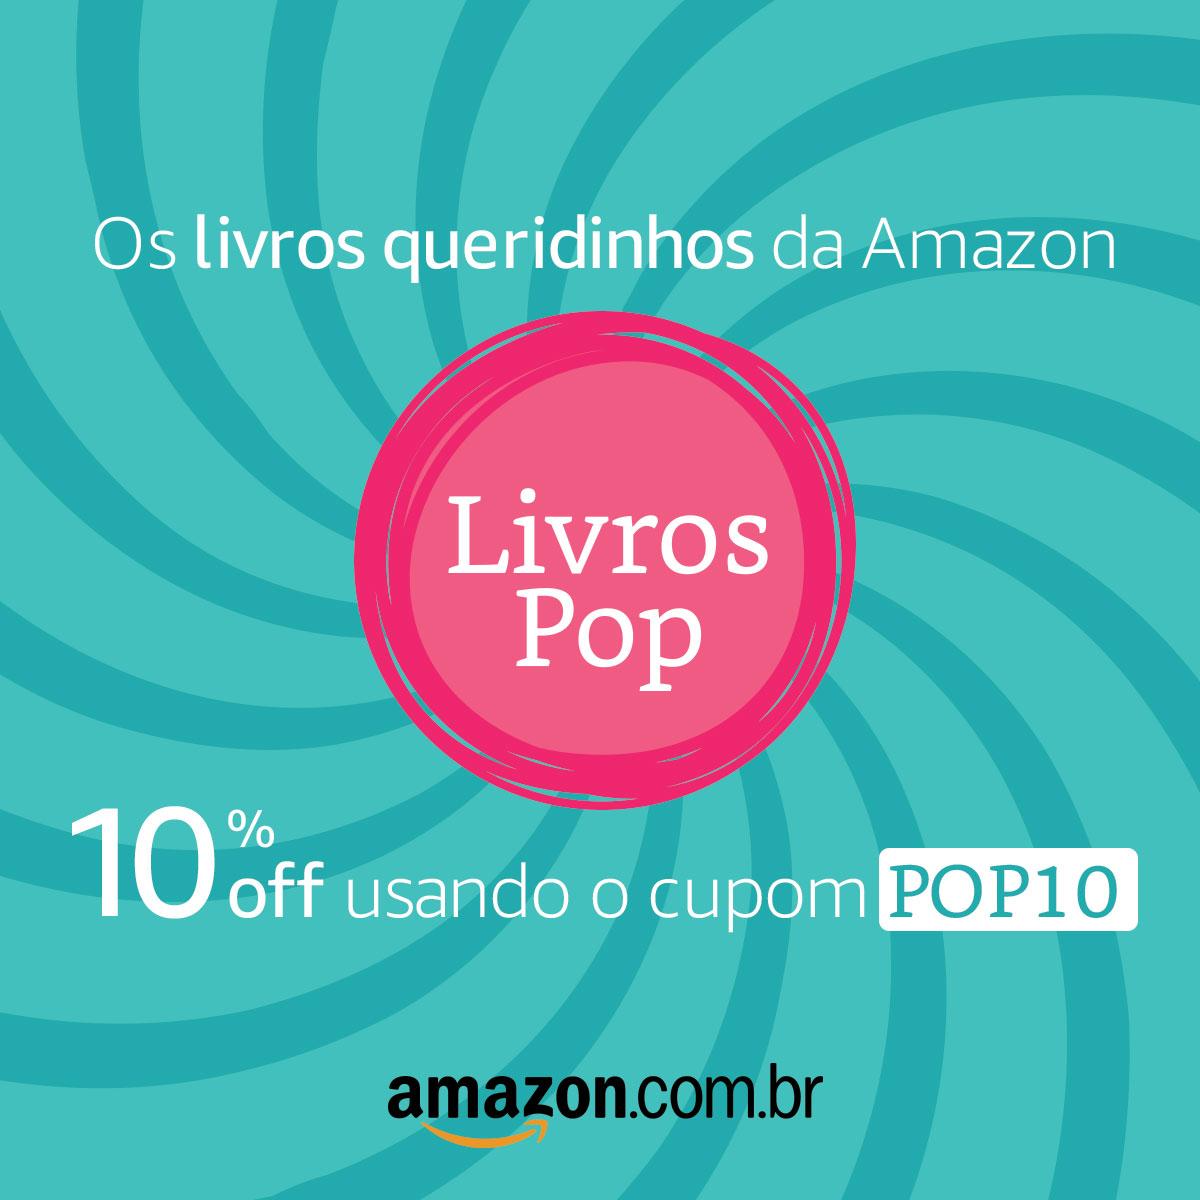 10% OFF COM O CUPOM POP10